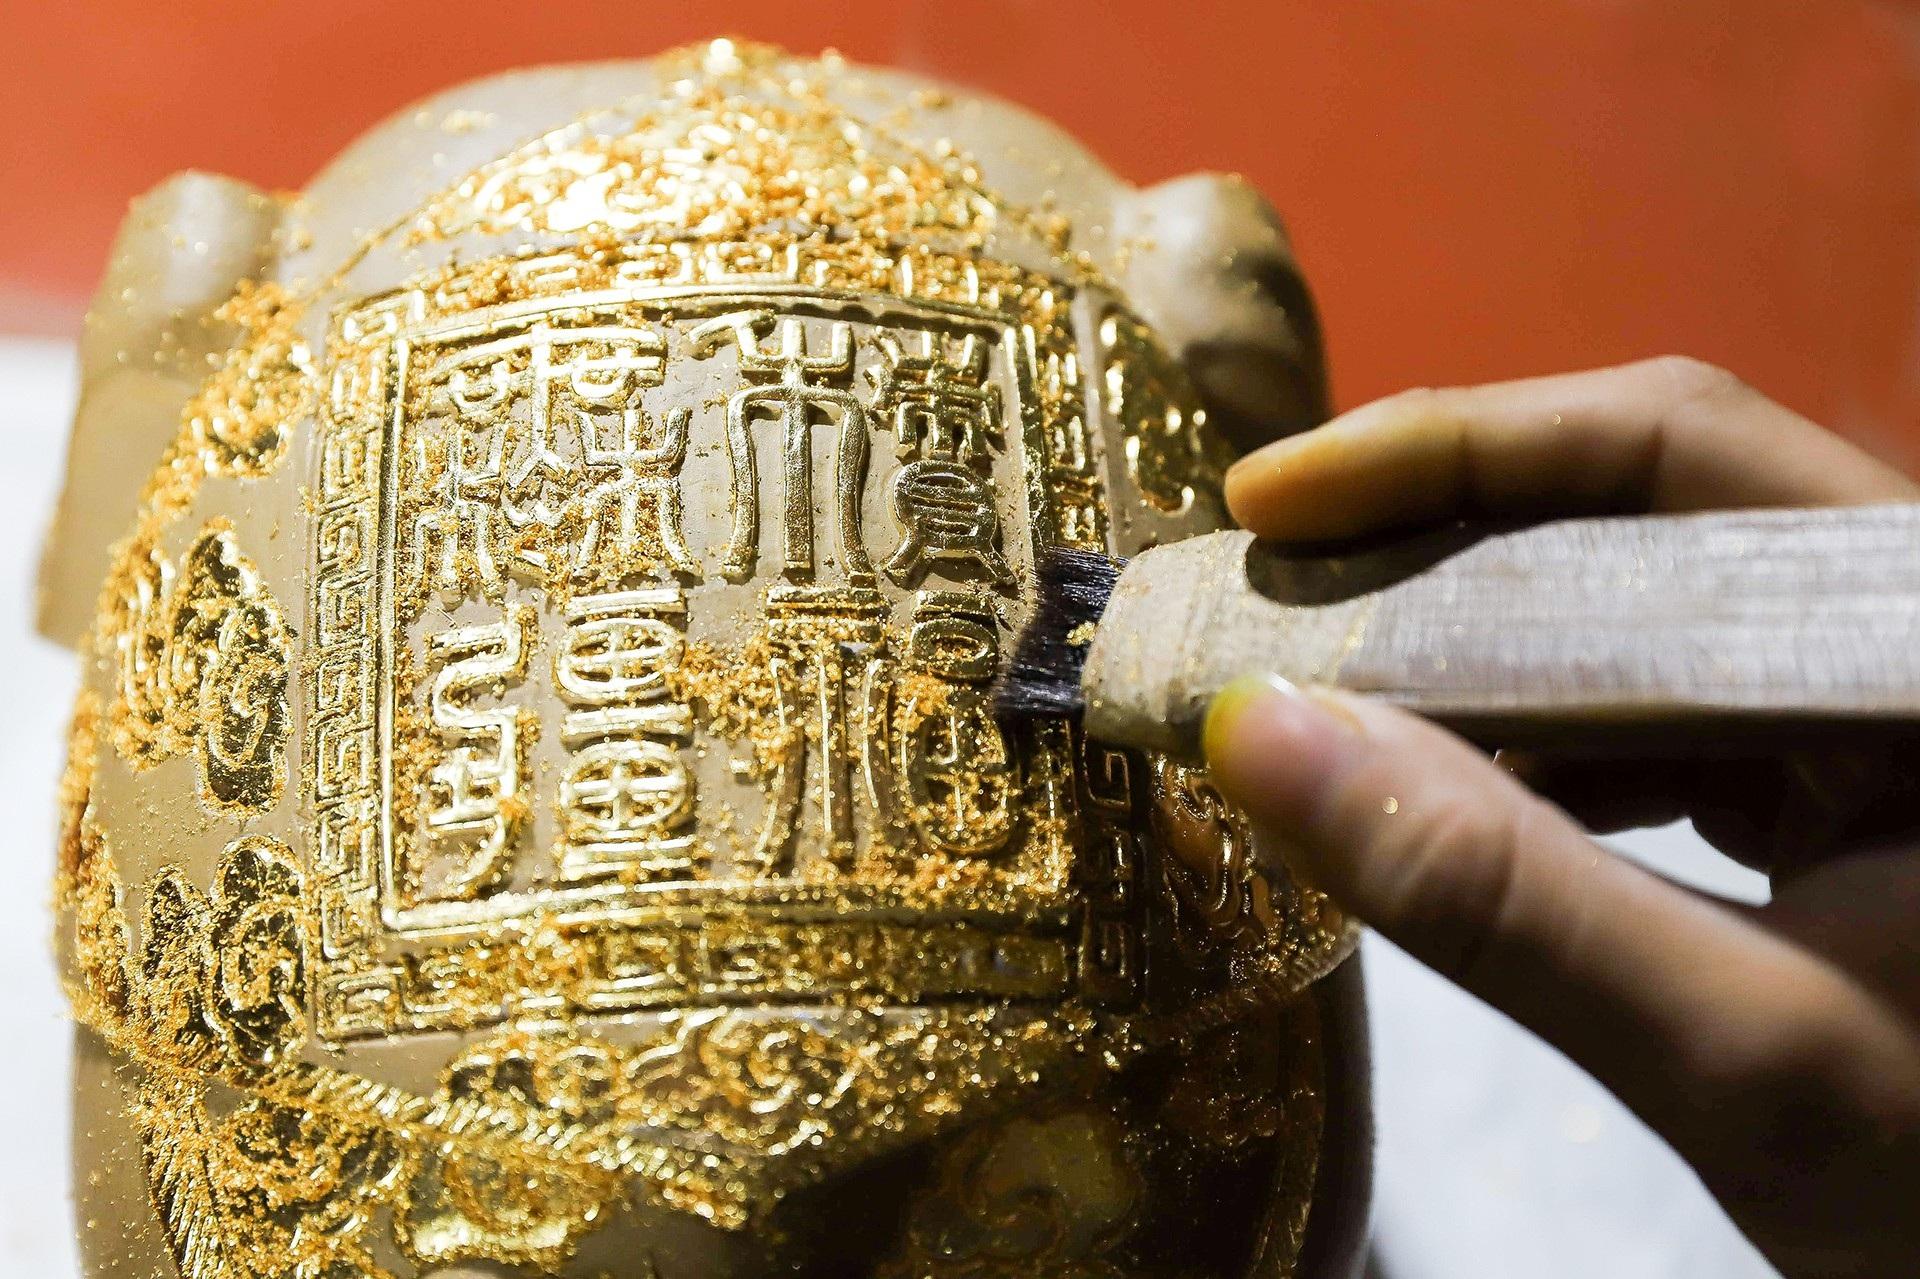 Lợn đất dát vàng được săn đón dịp Tết Kỷ Hợi  - Ảnh 8.